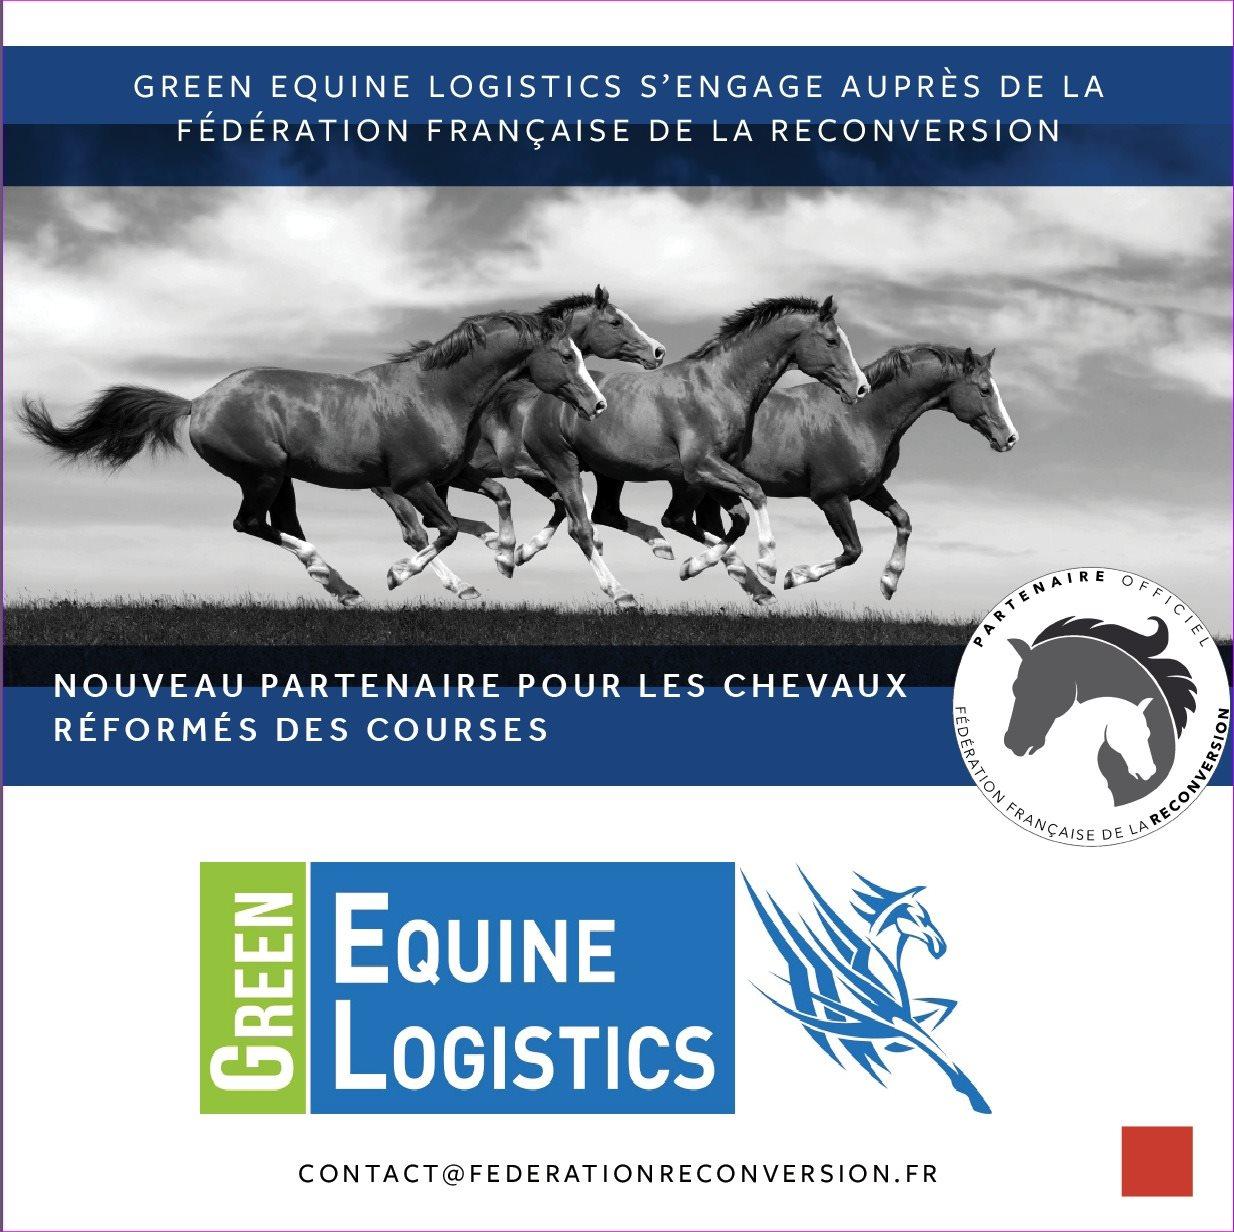 Partenariats FFR-Green Equine Logistics